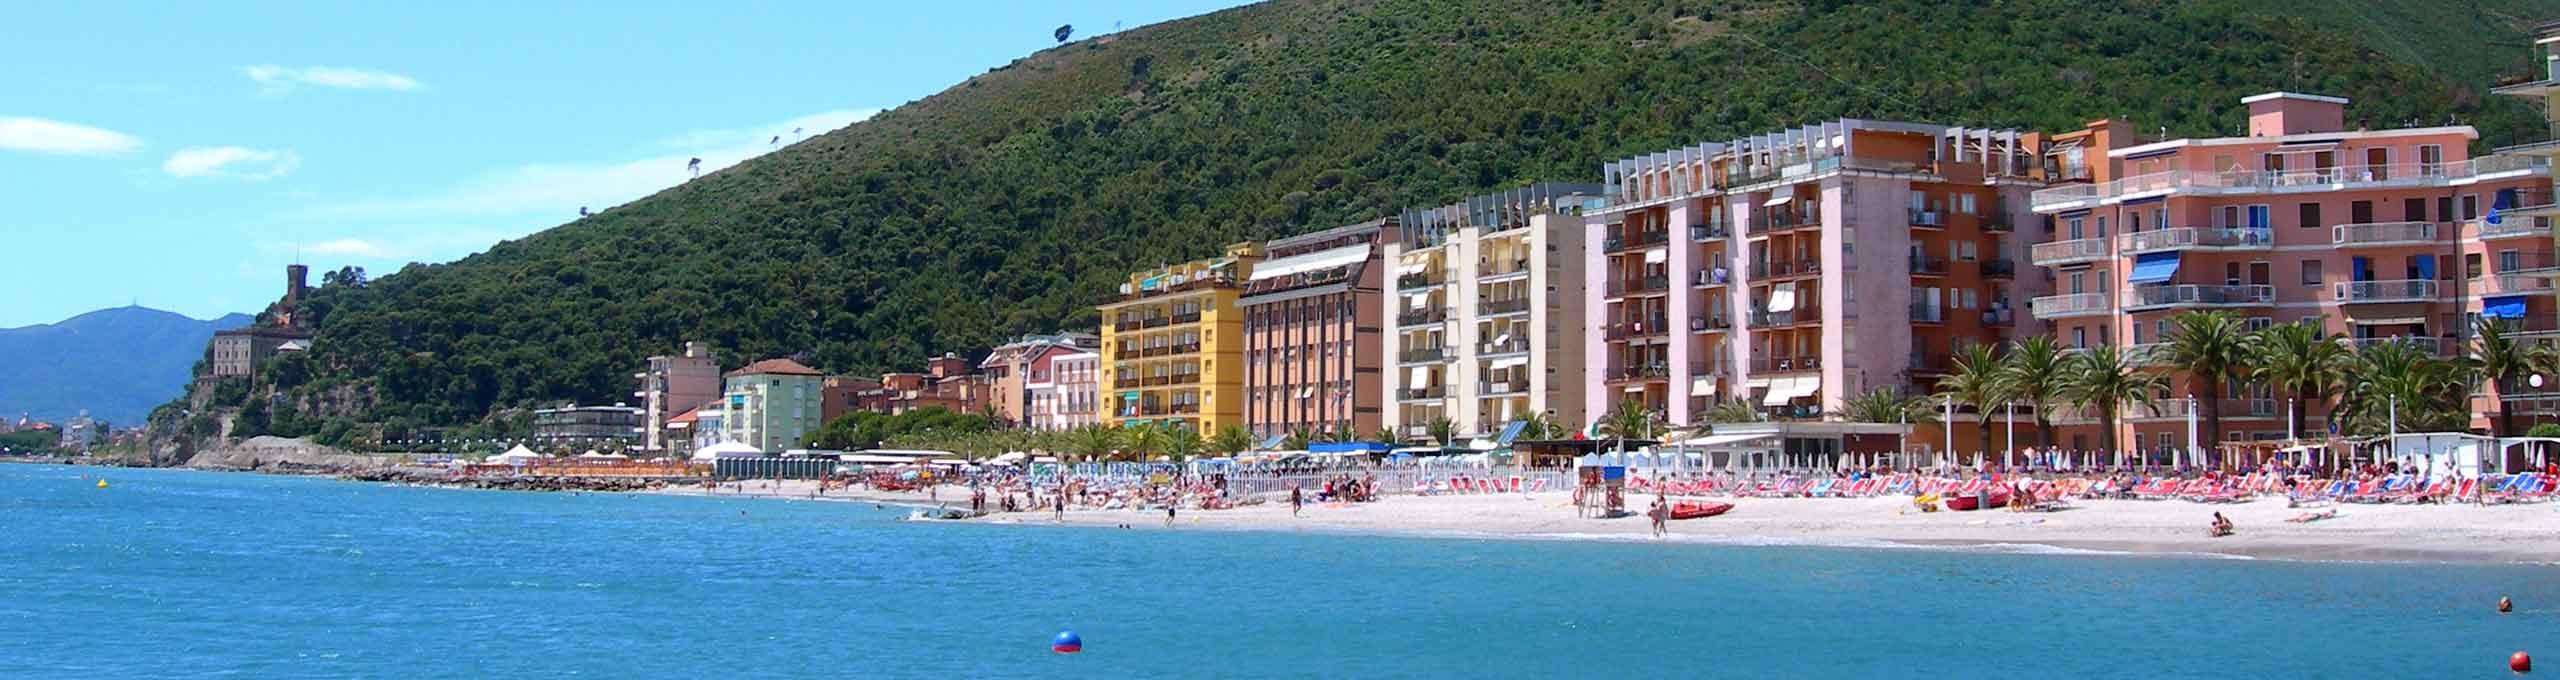 Borghetto Santo Spirito, Liguria